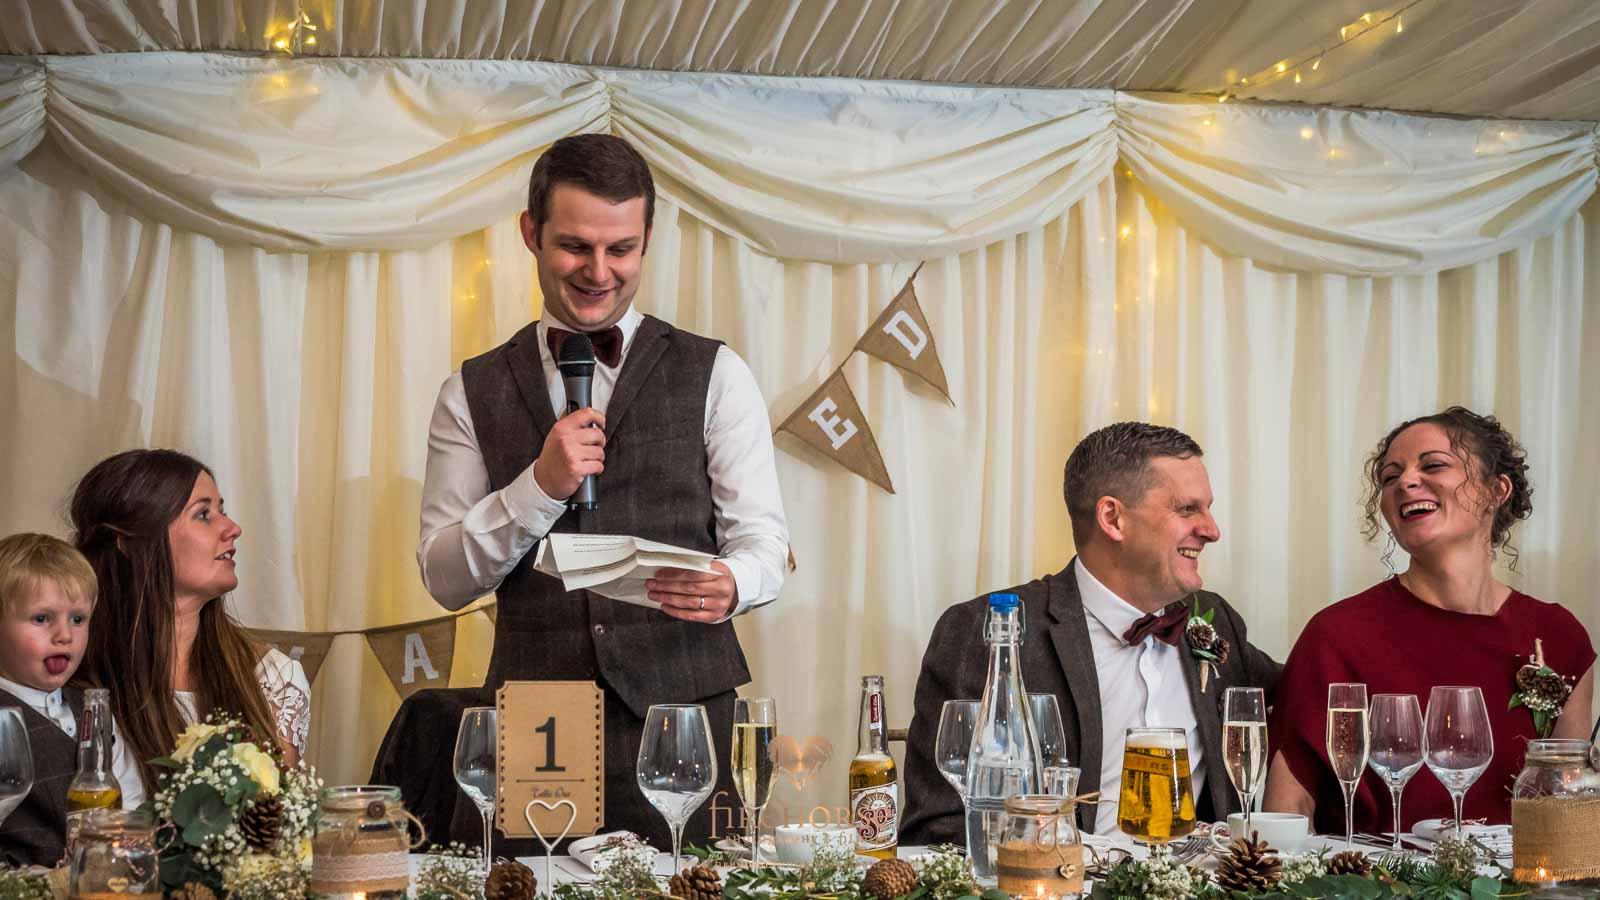 Winter-Middleton-Lodge-Wedding-095